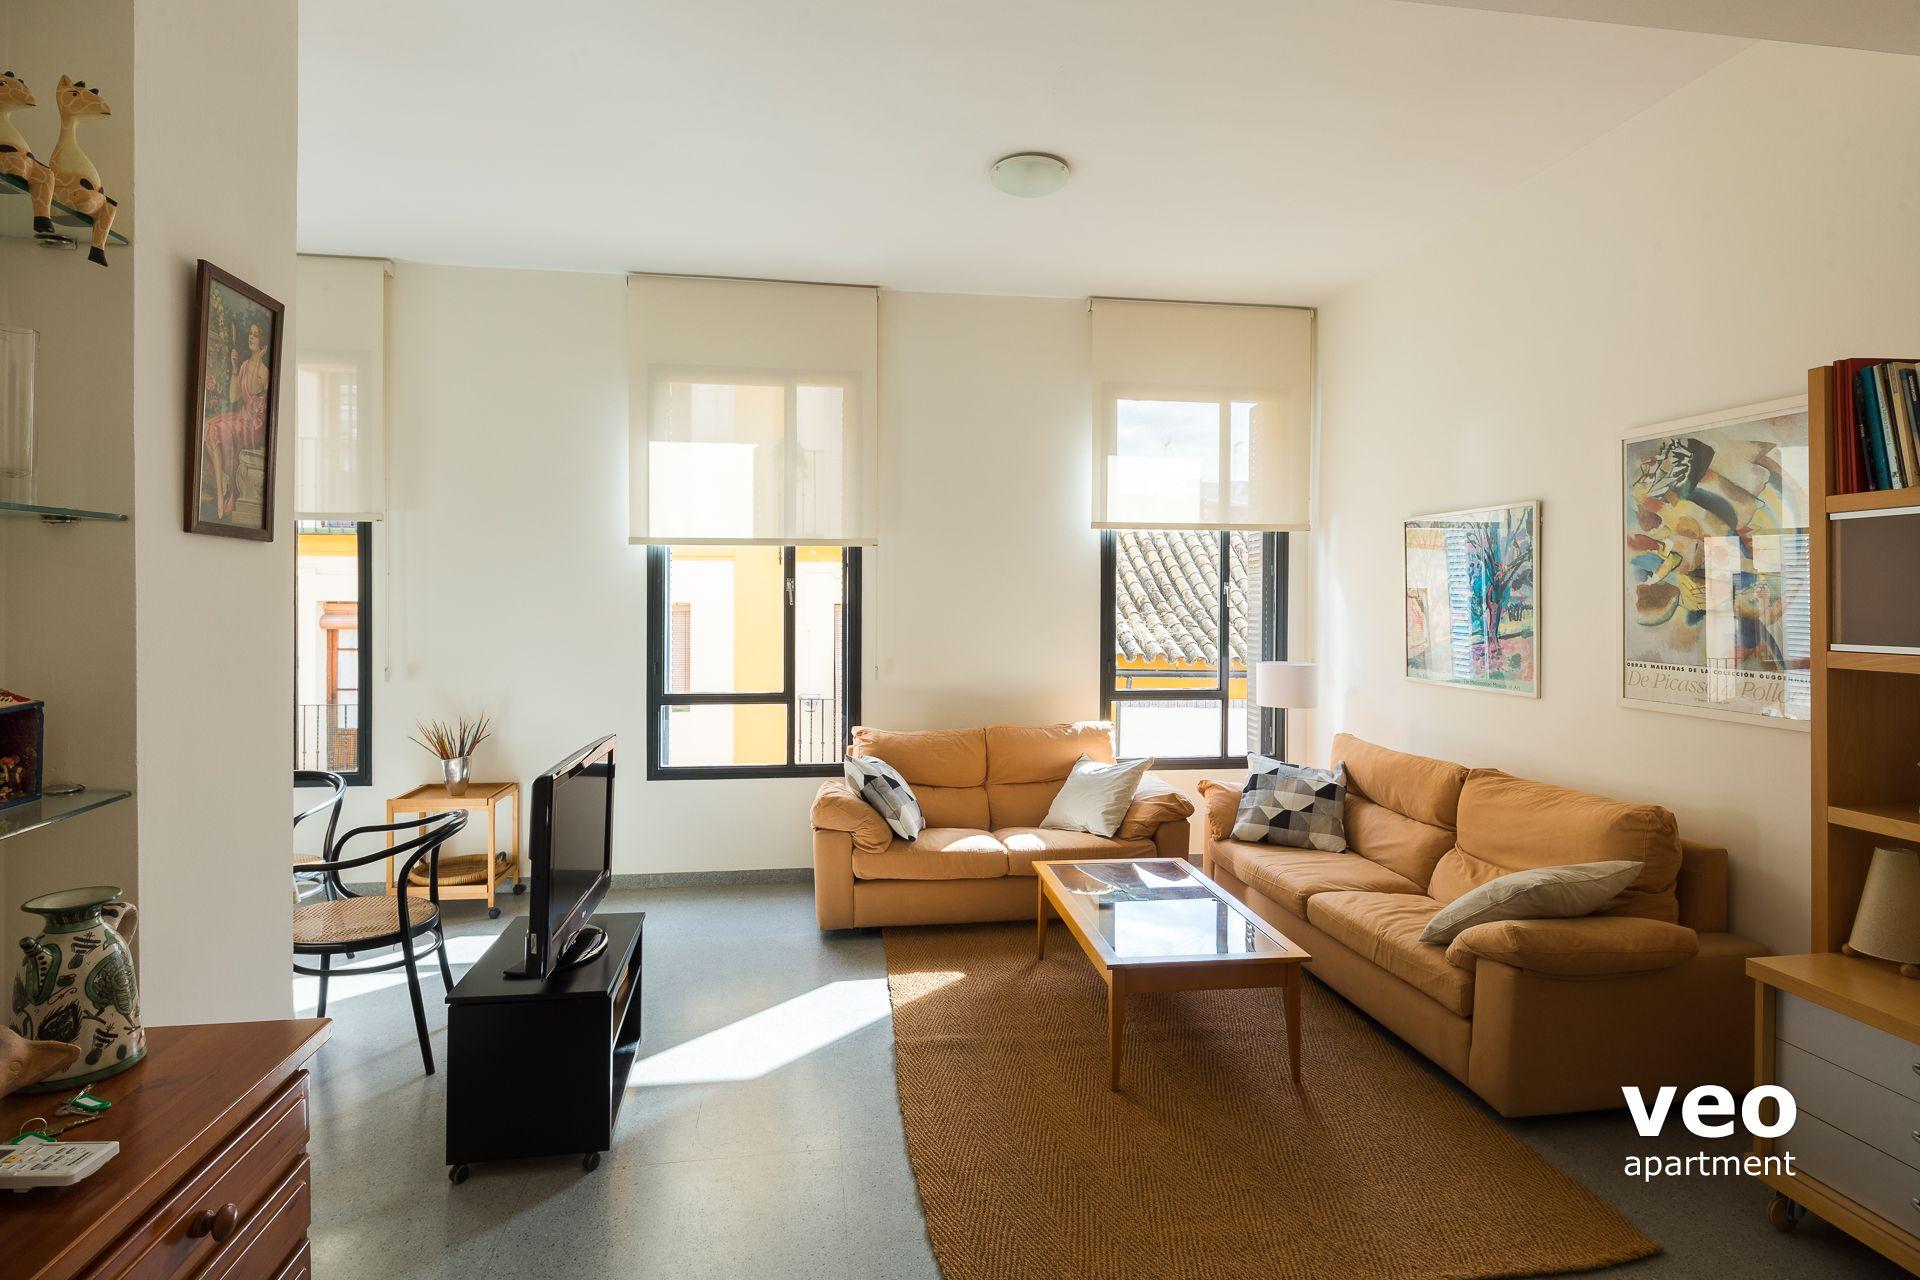 Sevilla apartmento calle san vicente sevilla espa a san vicente terraza alquiler de - Muebles san vicente ...